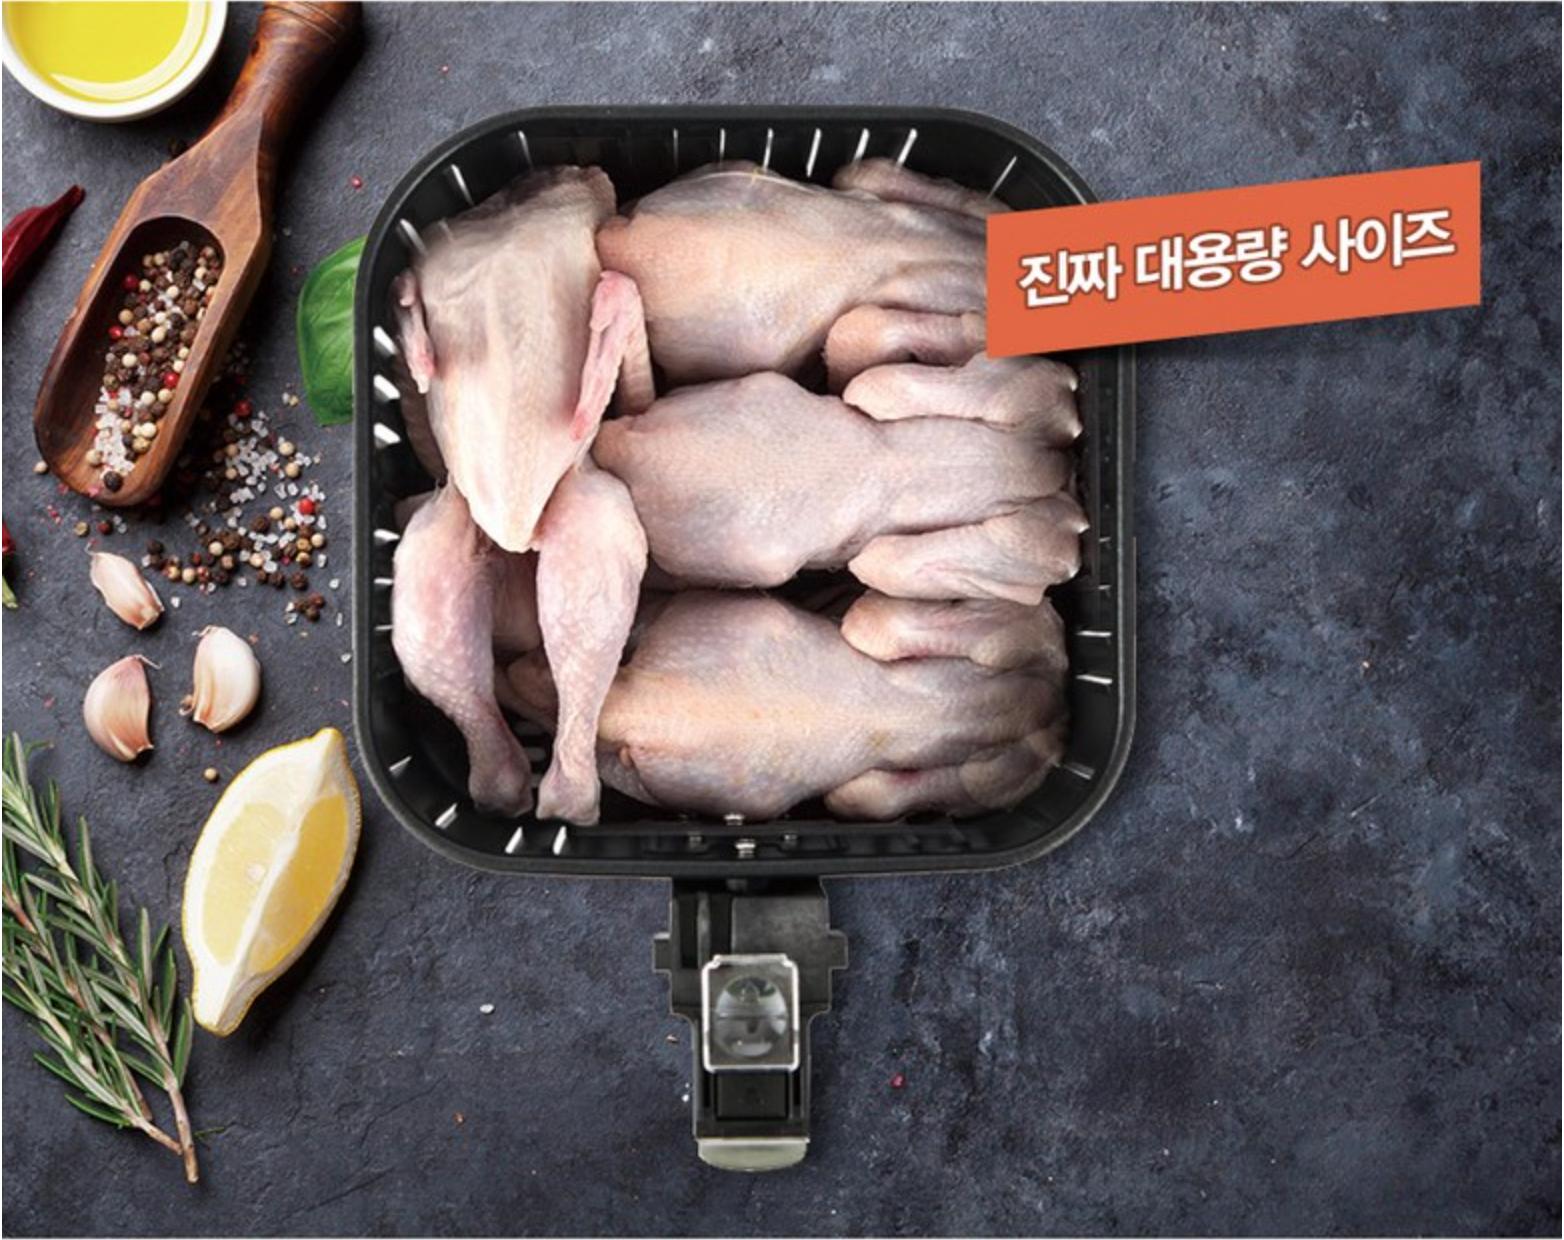 Giỏ chiên của nồi chiên không dầu Lotte có thể đựng khối lượng thực phẩm lớn